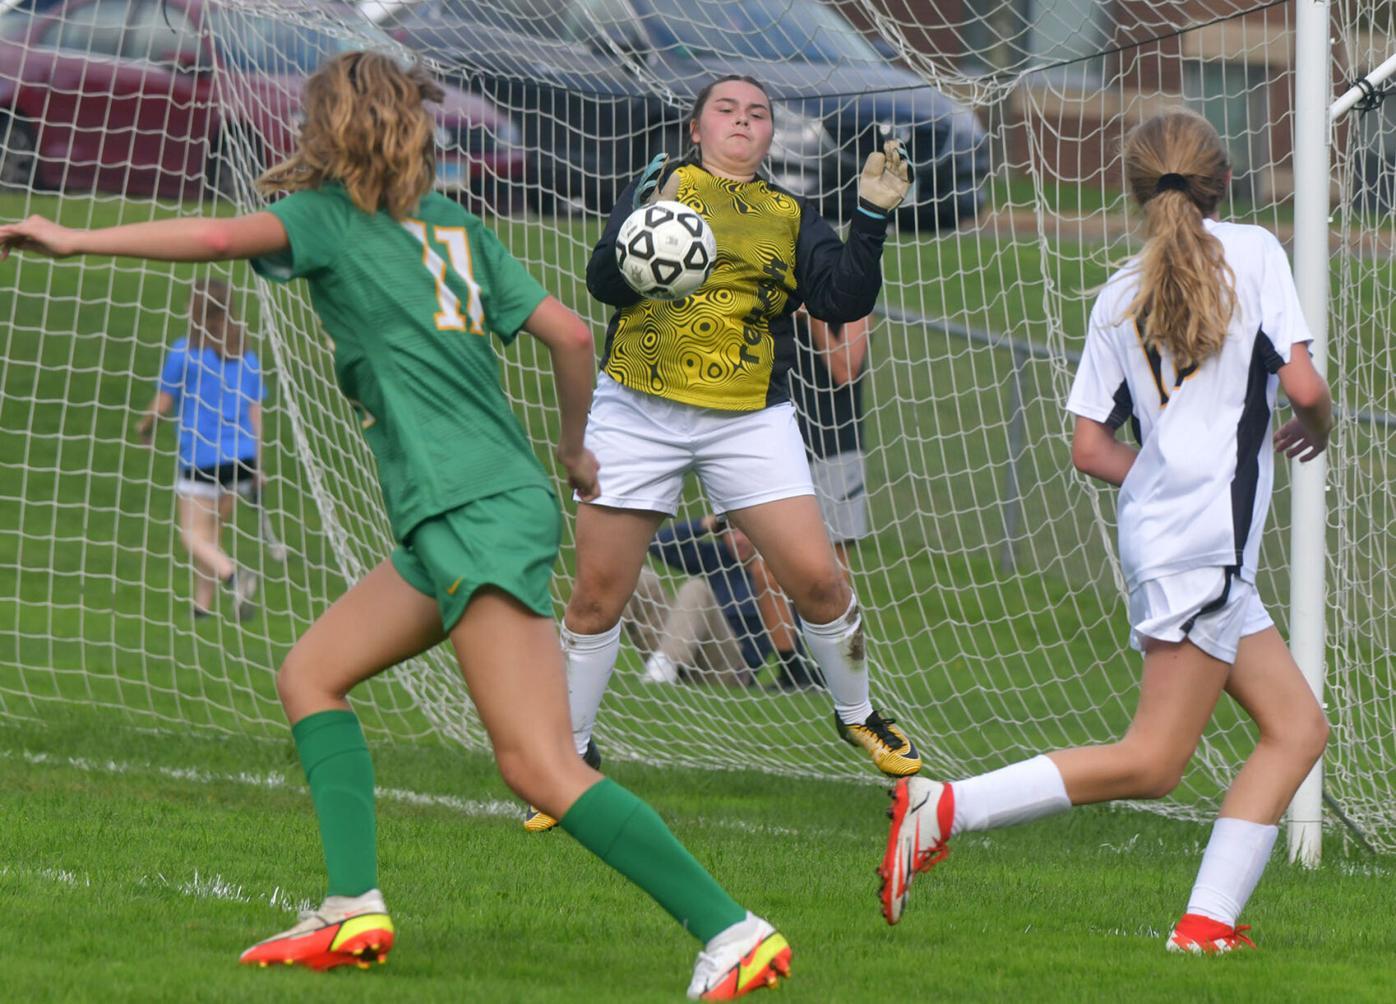 091621 CO EW Girls Soccer 00.jpg